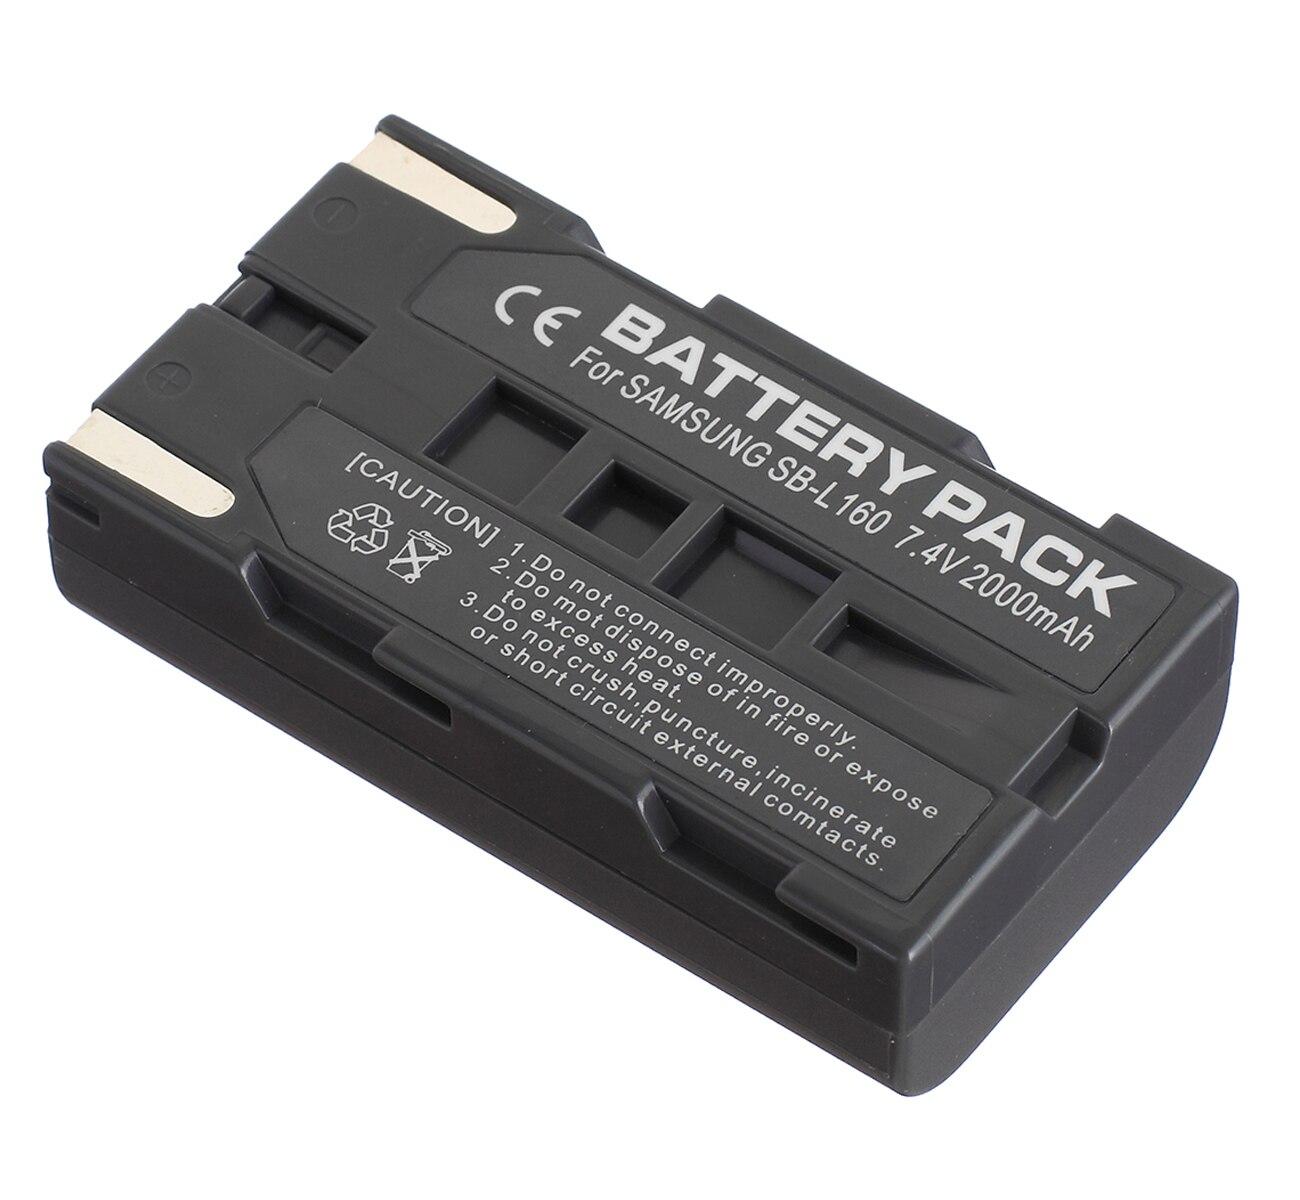 VP-L770 Digital Video Camcorder VP-L700U VP-L750D VP-L750 Battery Pack Charger for Samsung VP-L700 VP-L710